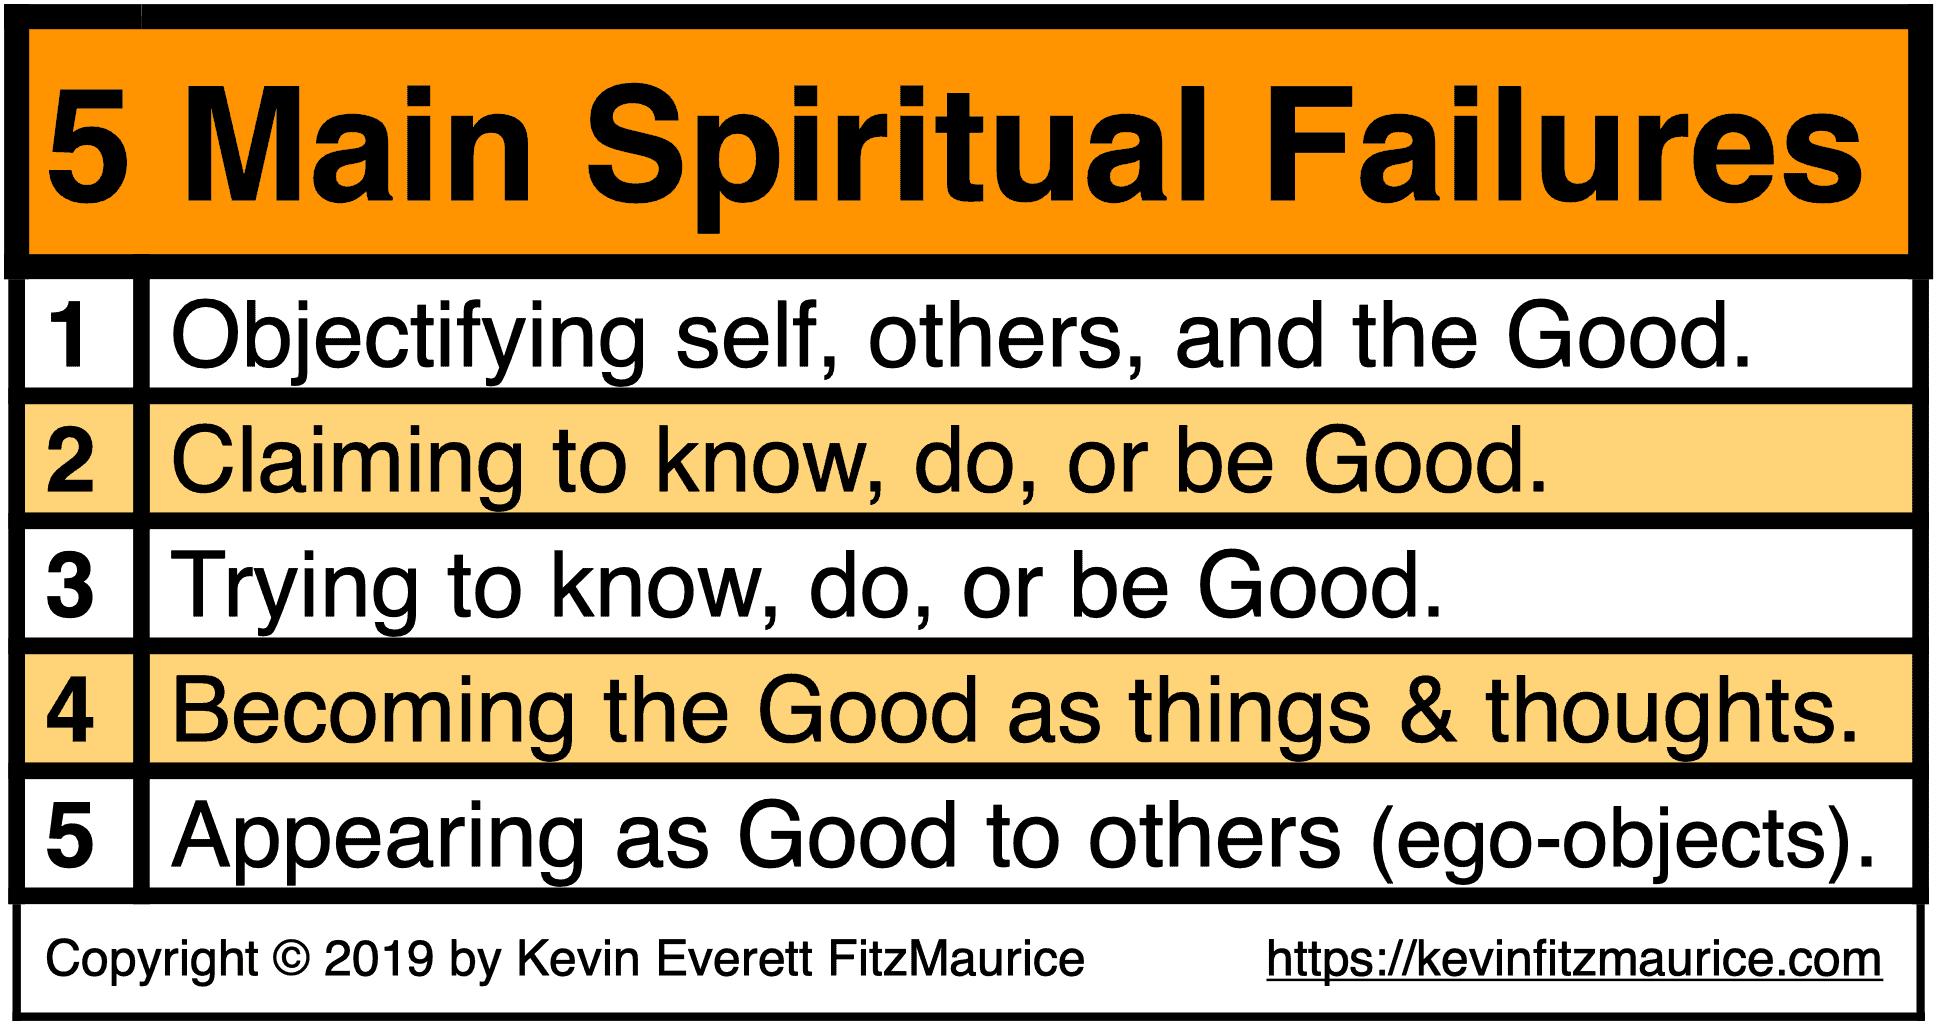 5 Main Spiritual Failures